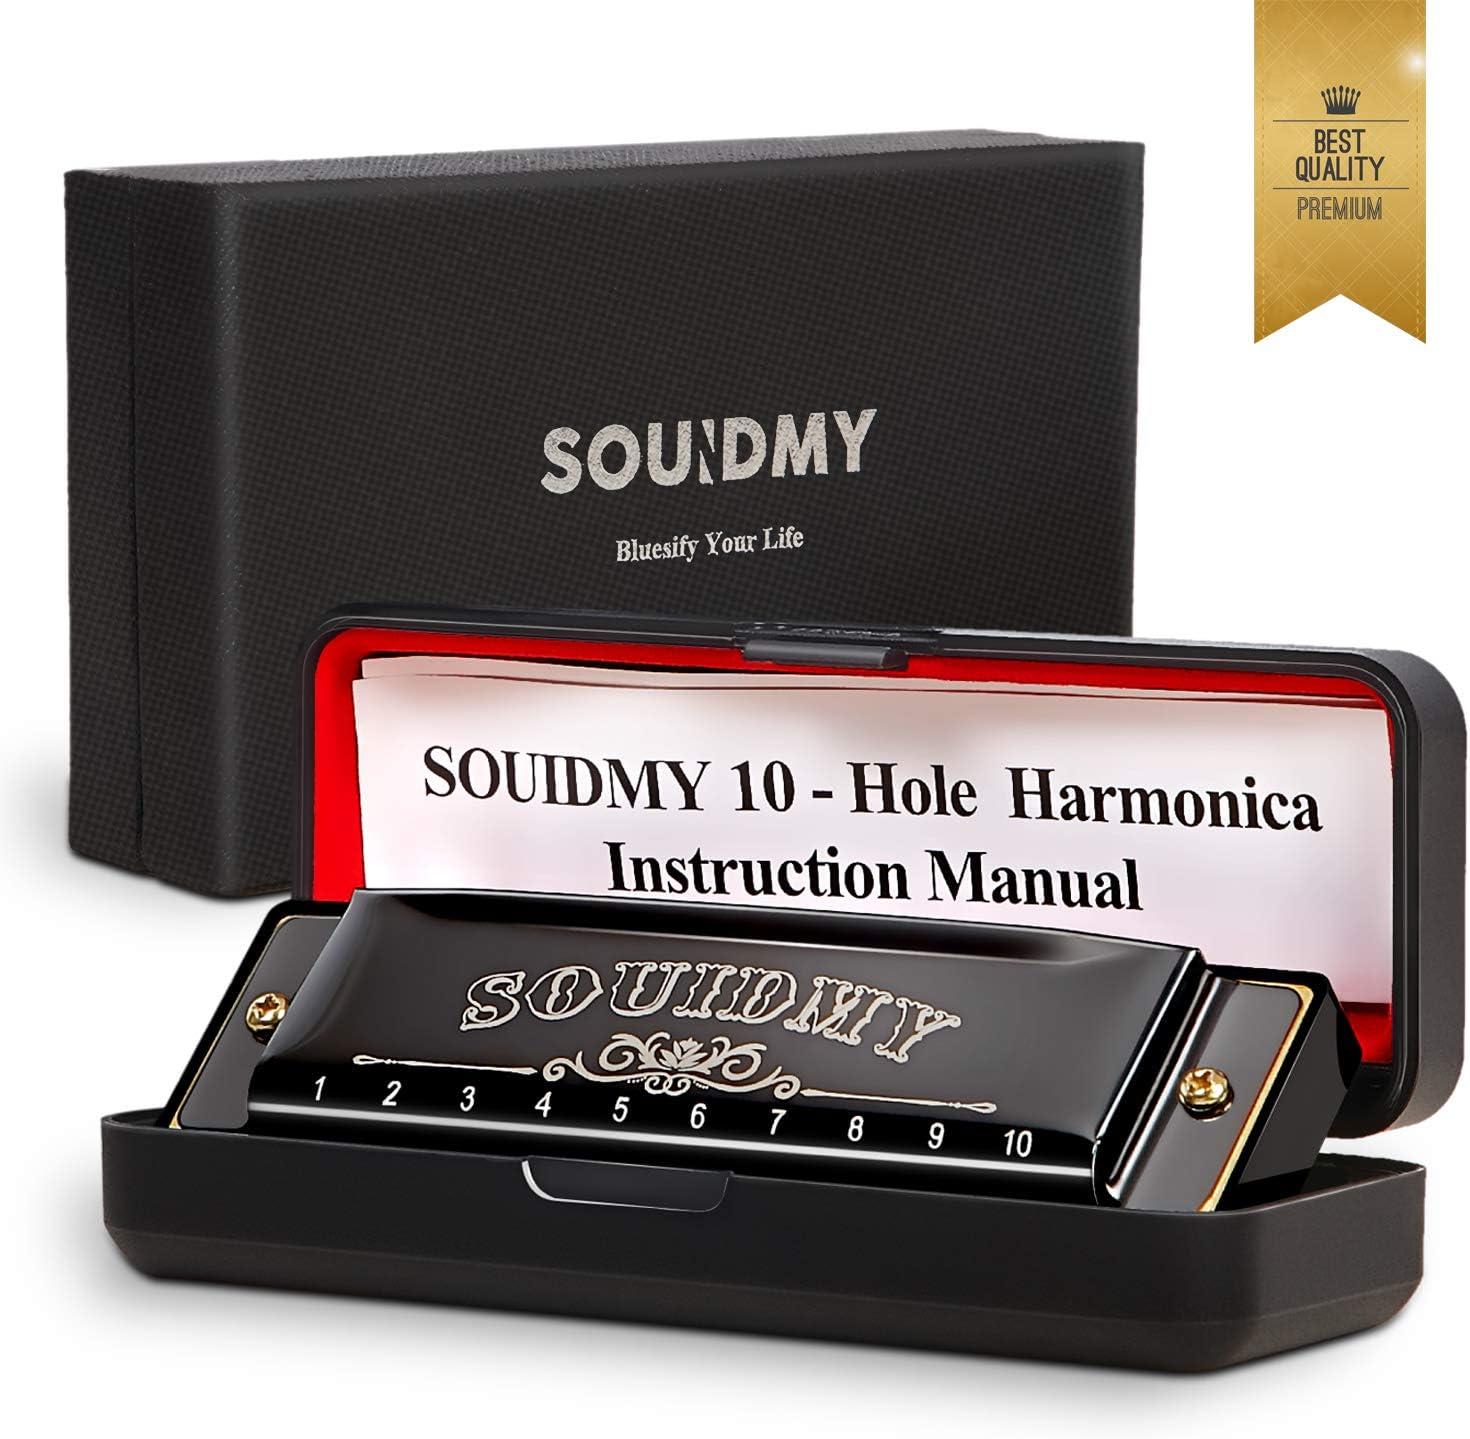 Armonica Souidmy, Blues Harmonica, para niños, principiantes, adultos con 10 agujeros 20 tonos, Major C, con caja de regalo, paño de limpieza, manual (negro)